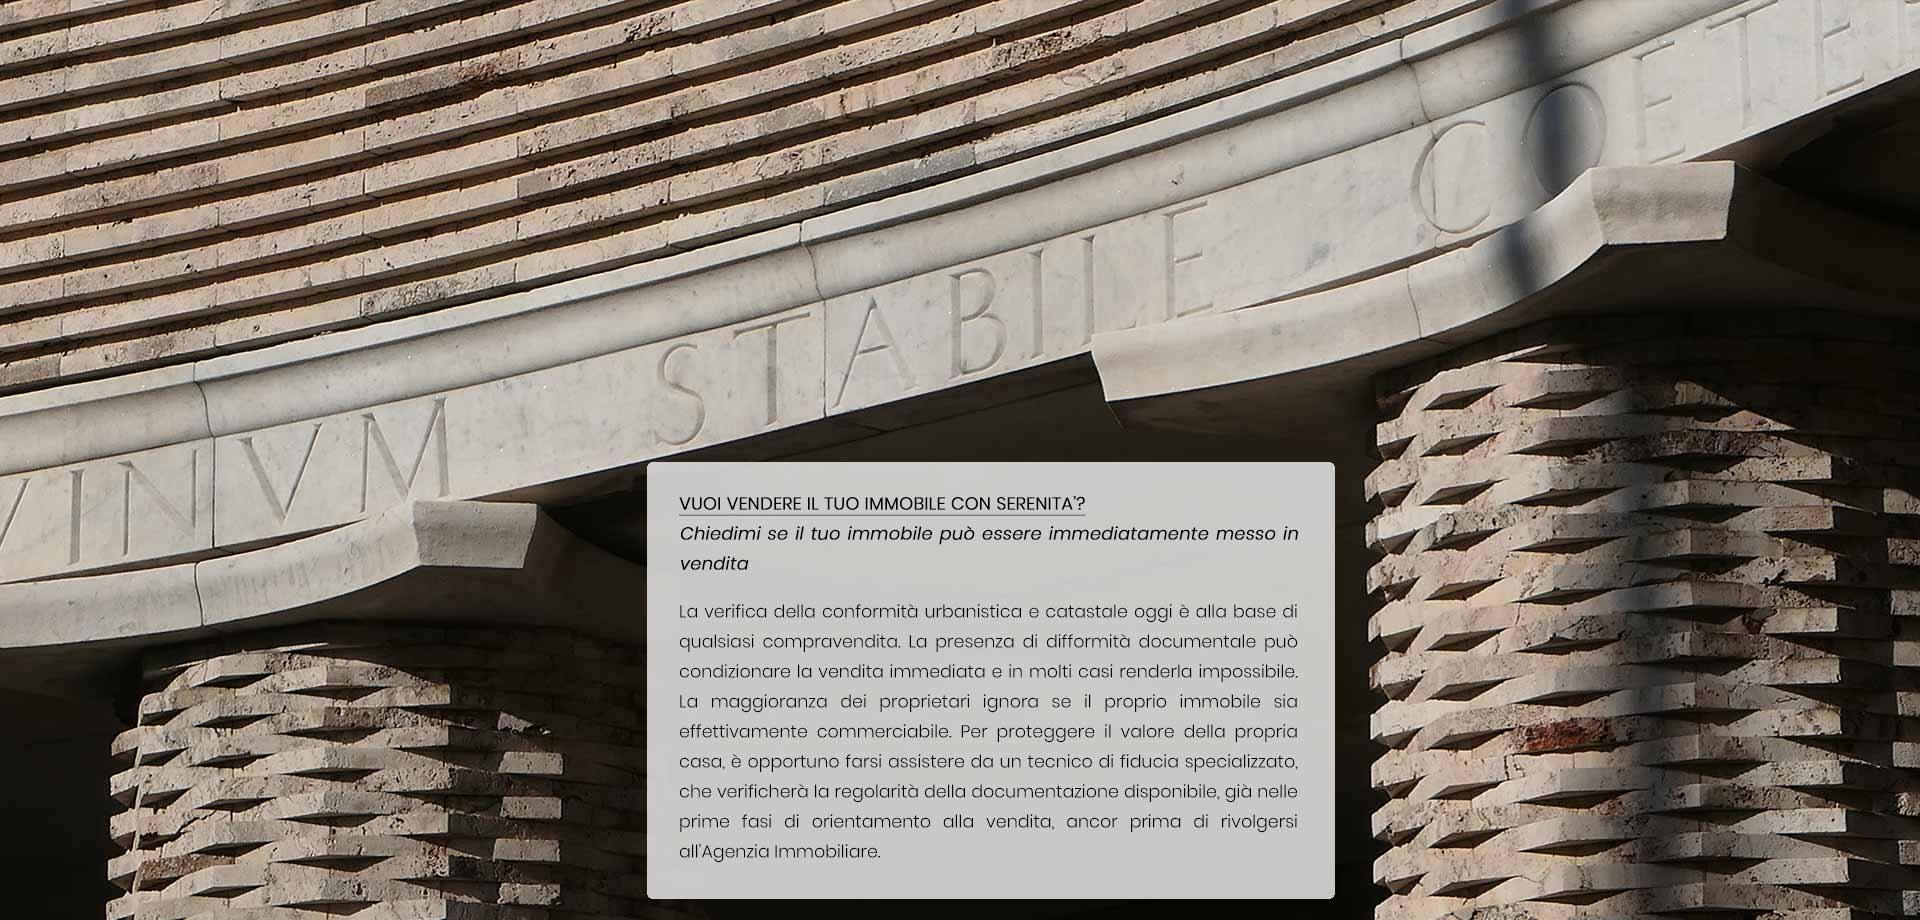 giorgio-rossetti-architetto-claim-3